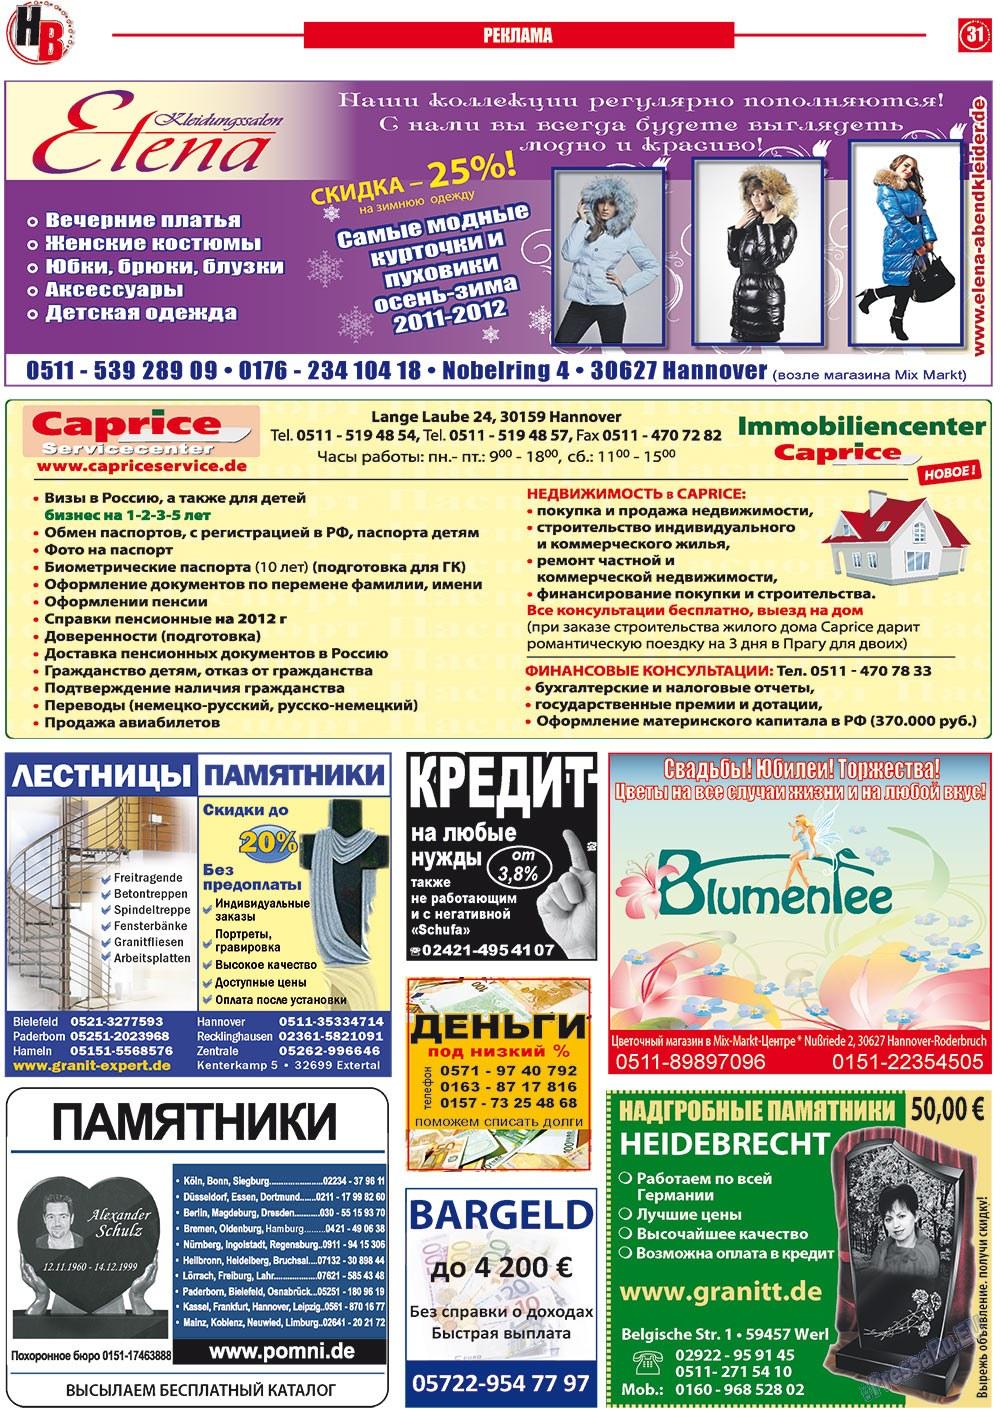 Наше время (газета). 2012 год, номер 2, стр. 31